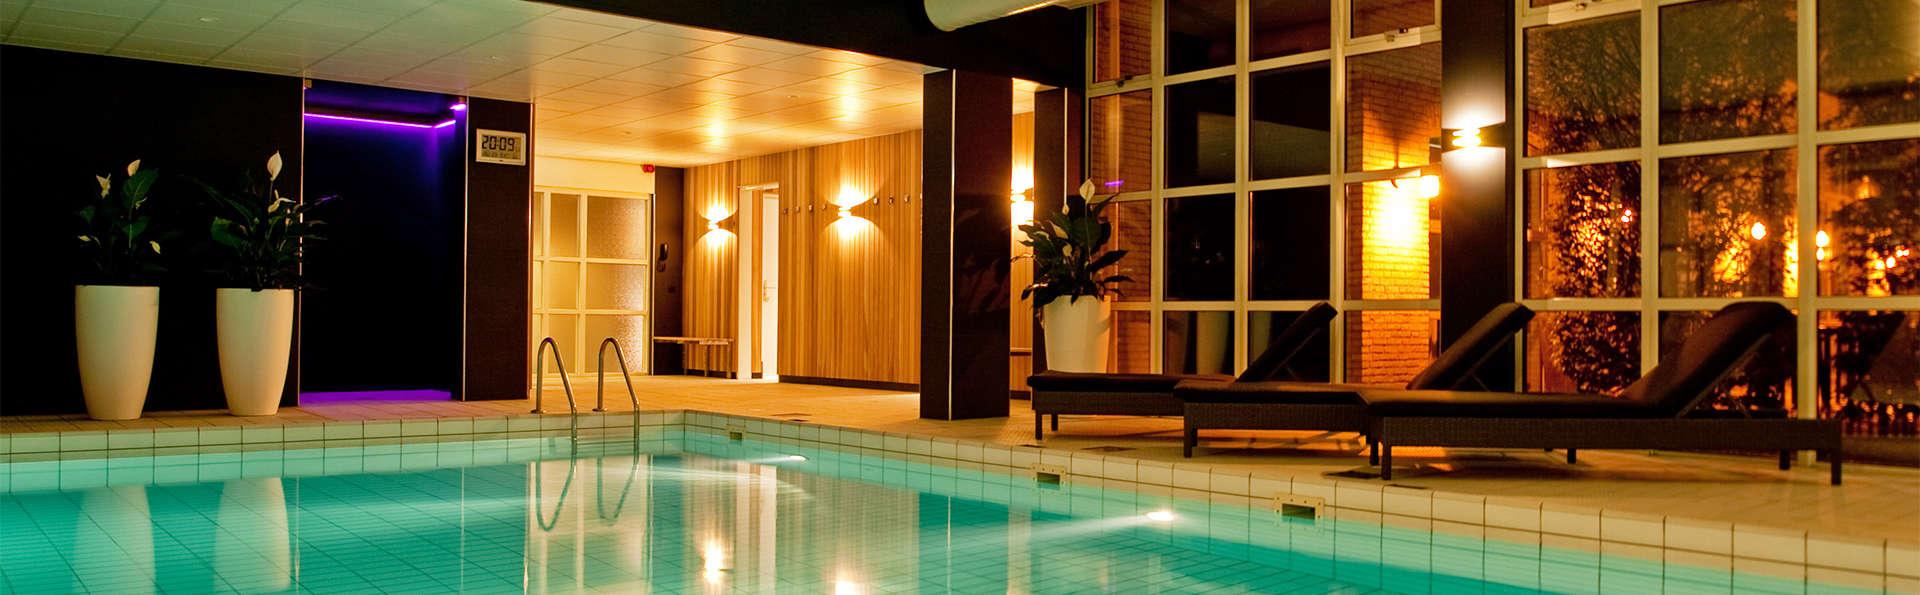 Luxe, comfort en wellness op de prachtige Veluwe